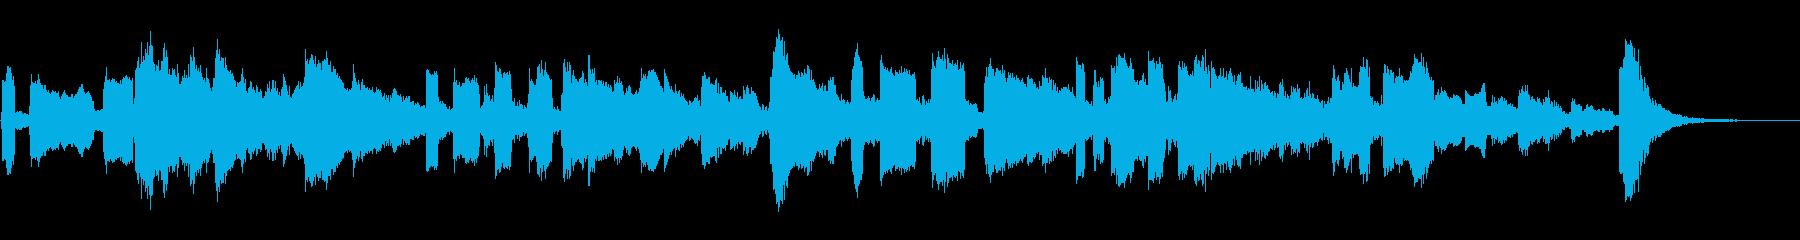 心からのギターソロ、わずかなラテン...の再生済みの波形